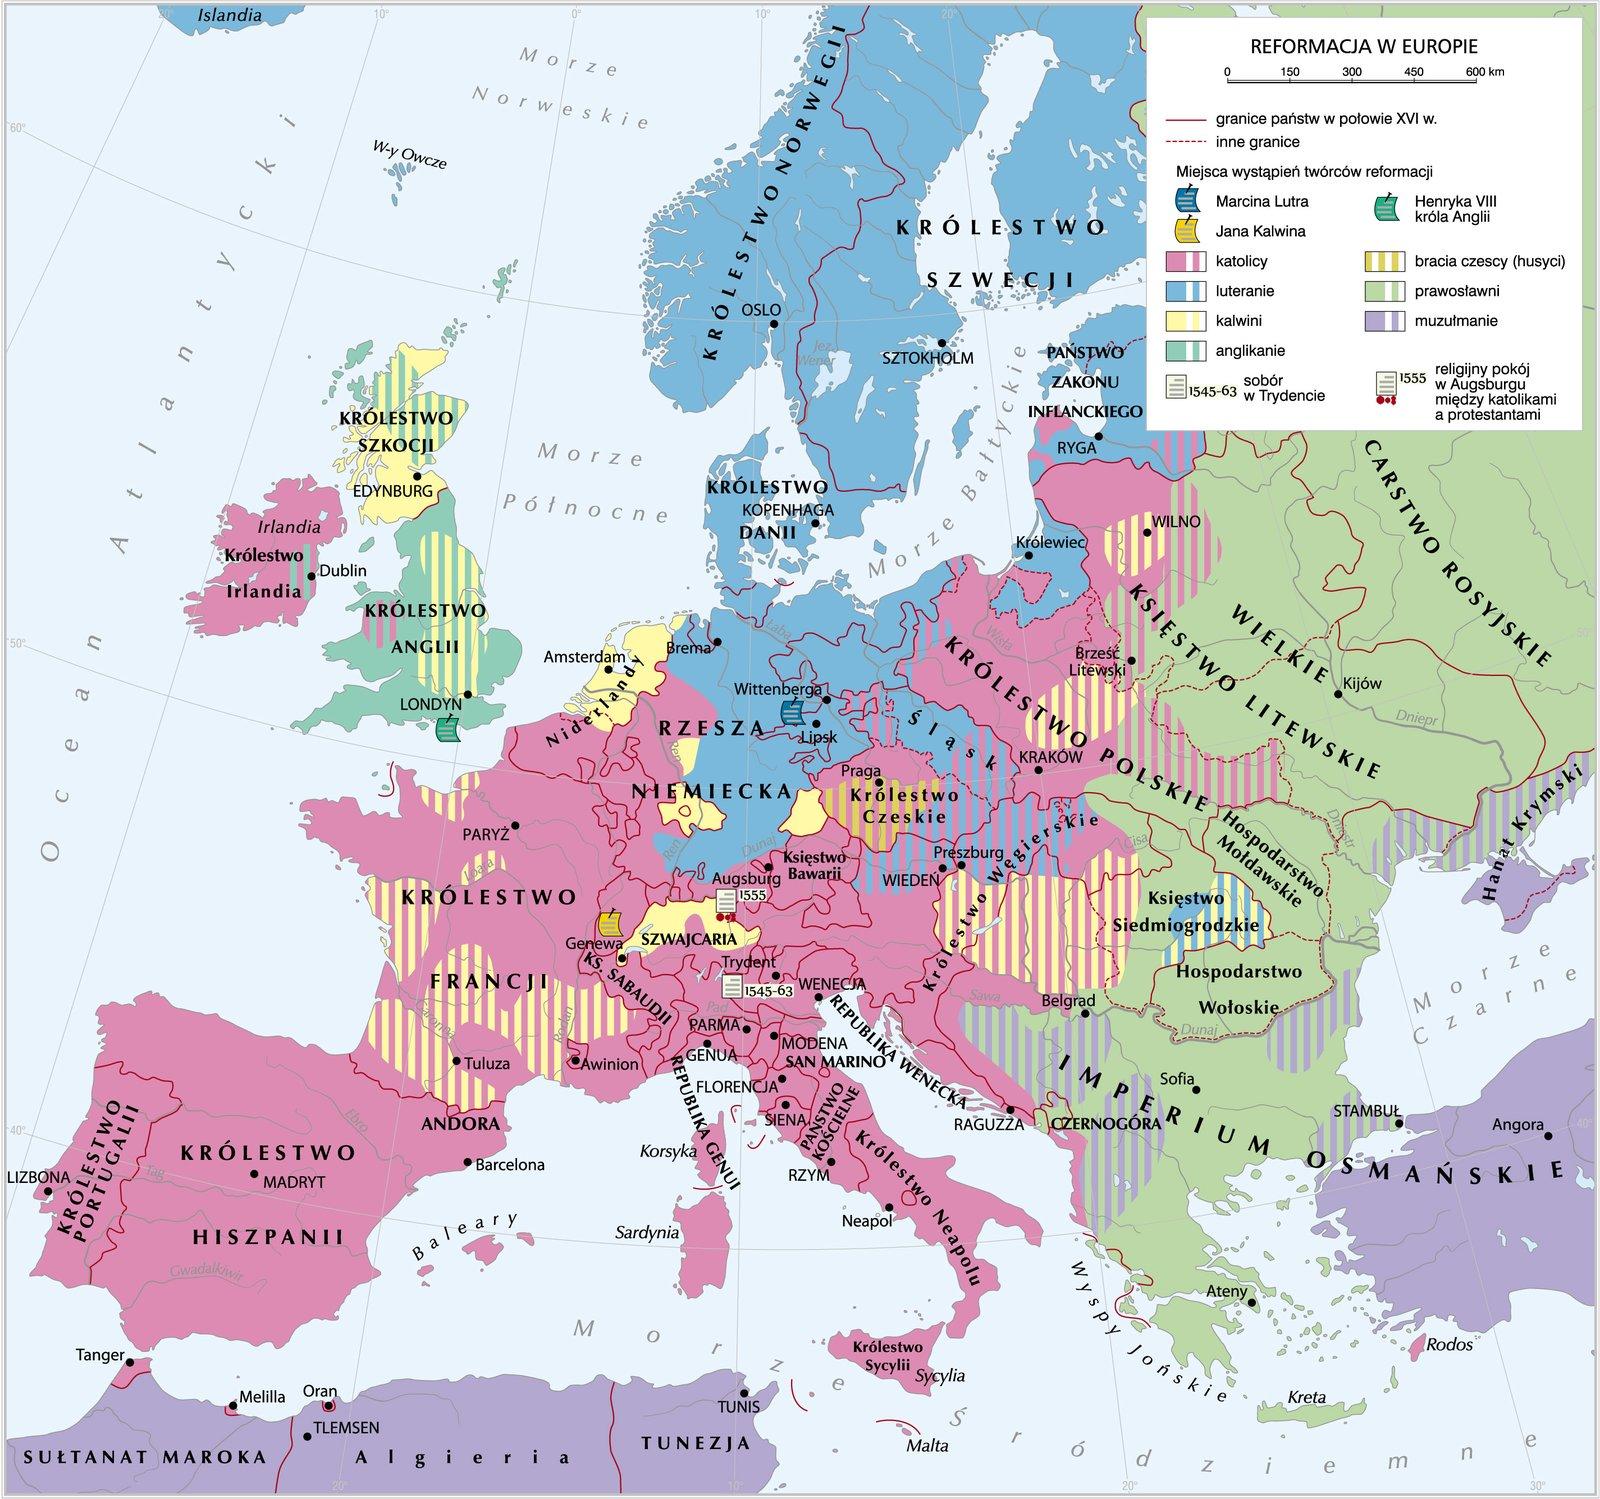 Reformacja wEuropie Reformacja wEuropie Źródło: Krystian Chariza izespół, licencja: CC BY 4.0.